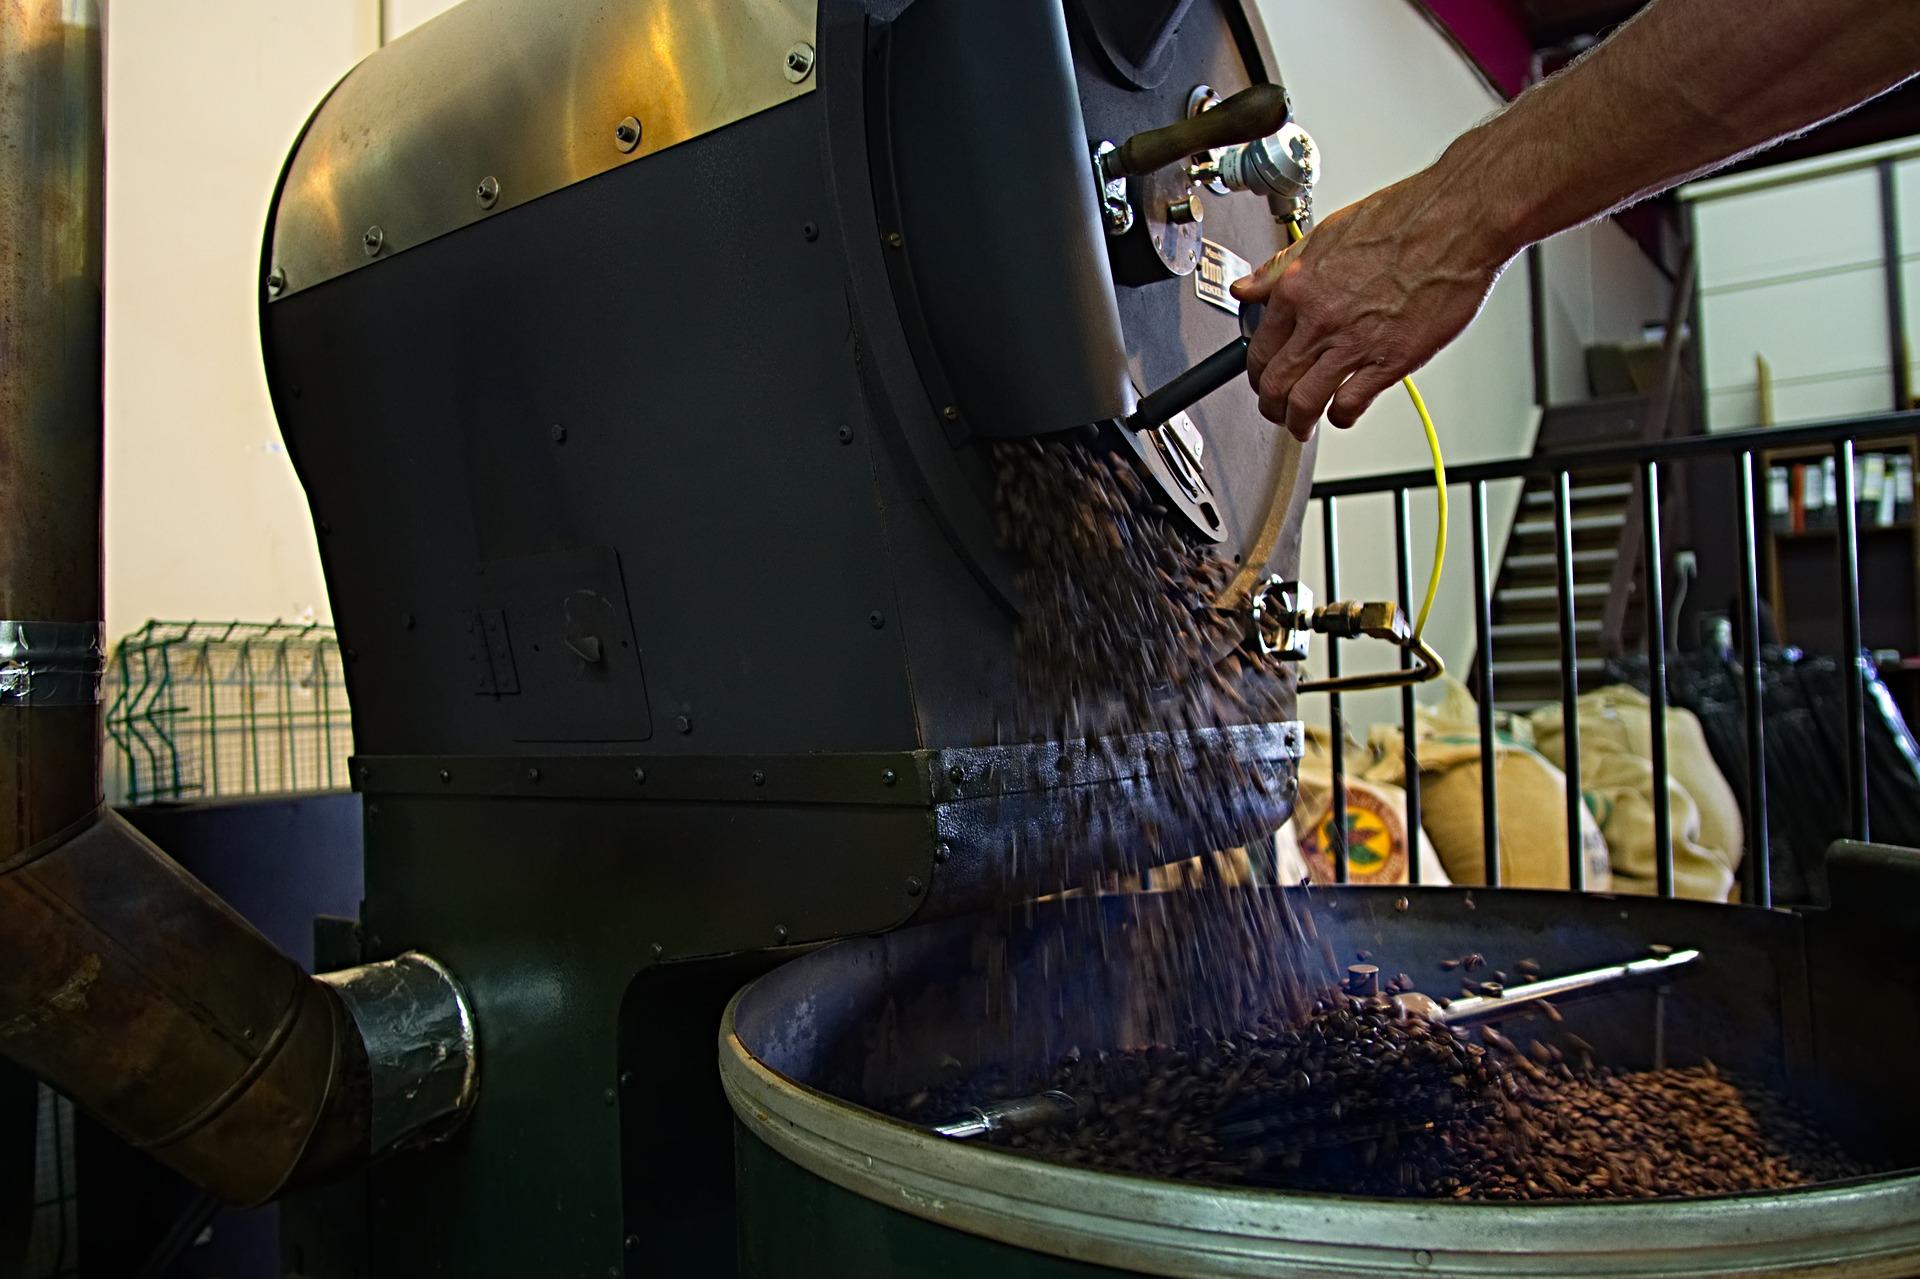 Čerstvě pražená kávová zrna? Samozřejmost!